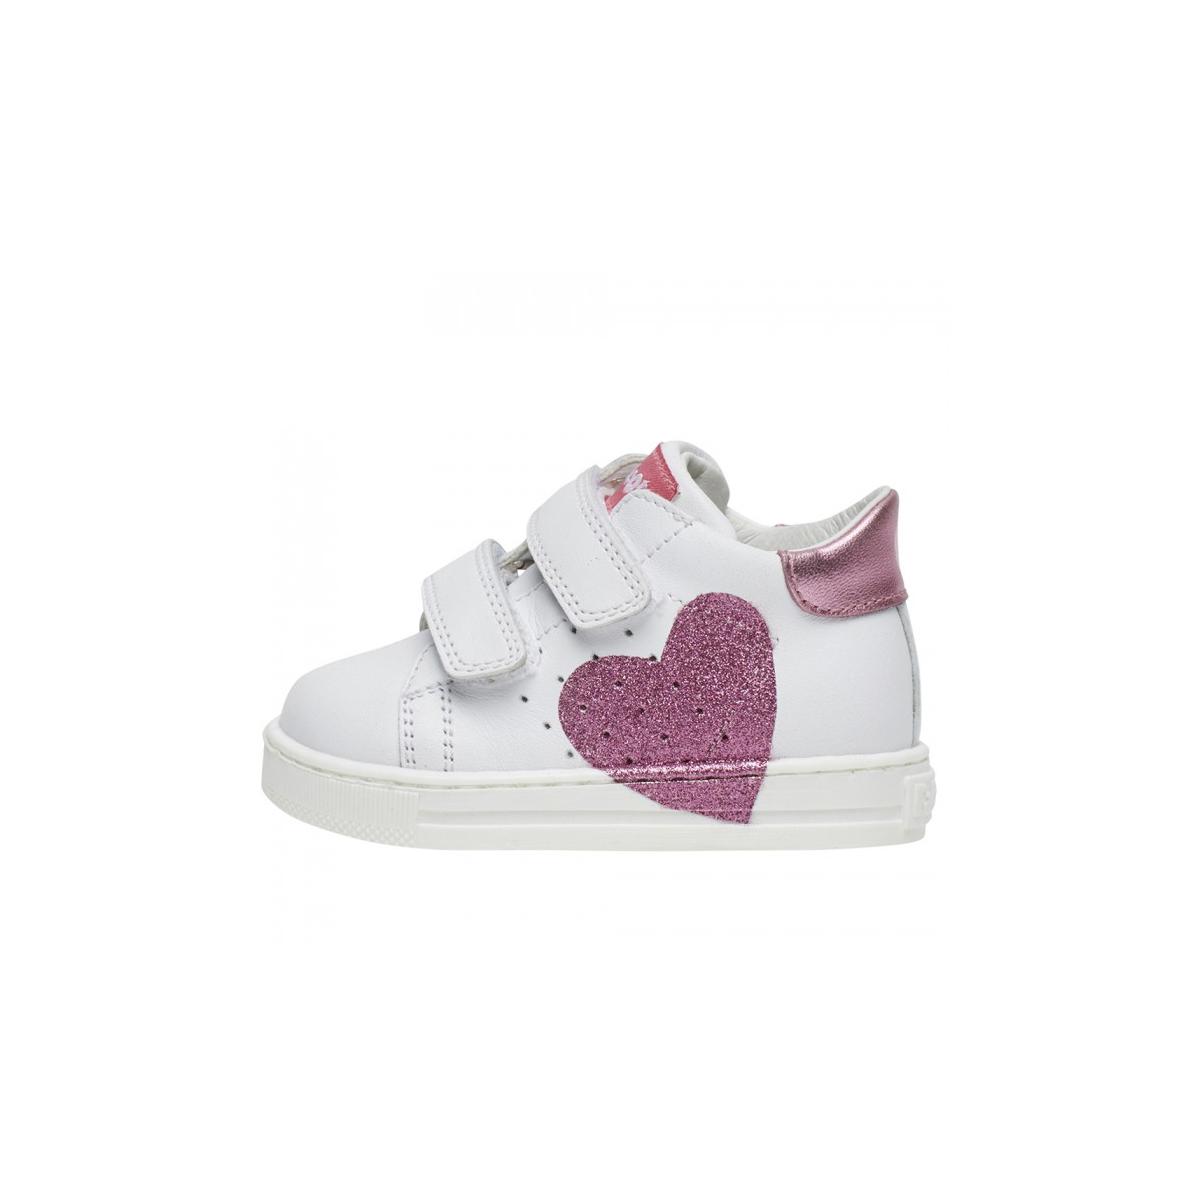 on sale 767e8 b3582 Sneaker falcotto bianca cuore glitter strappi fodera pelle ...